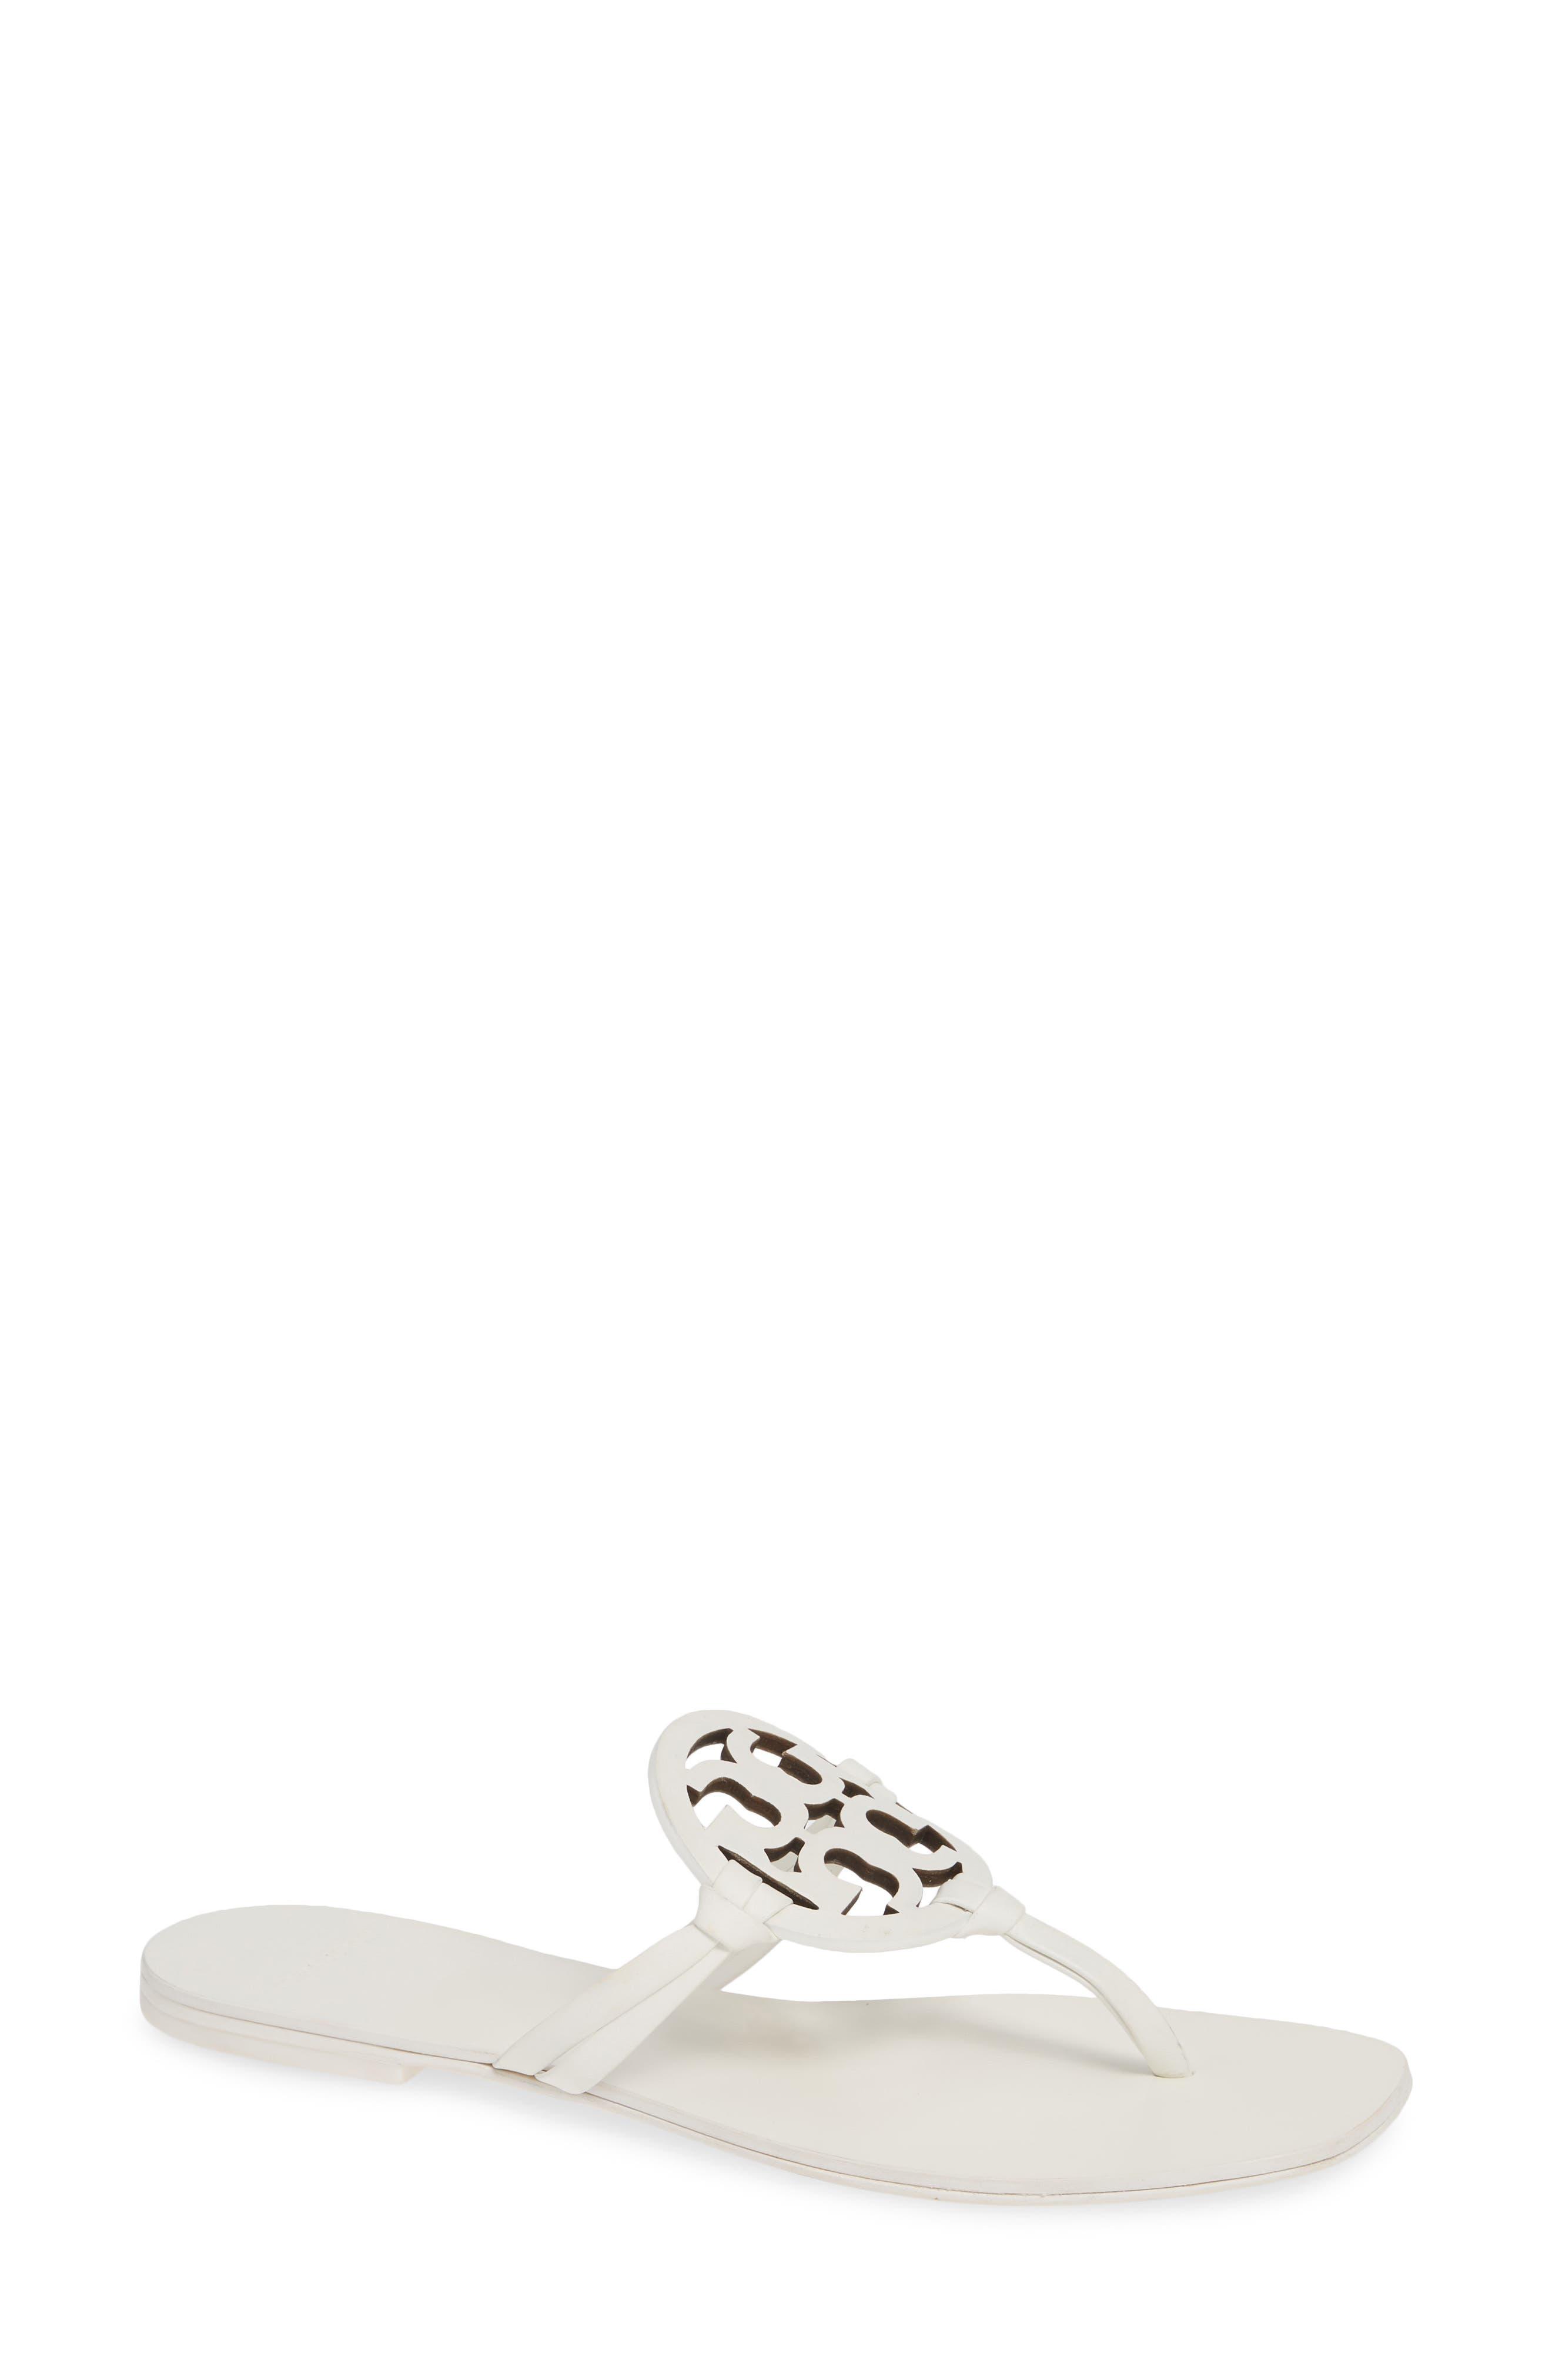 Miller Square-Toe Flat Slide Sandals in White